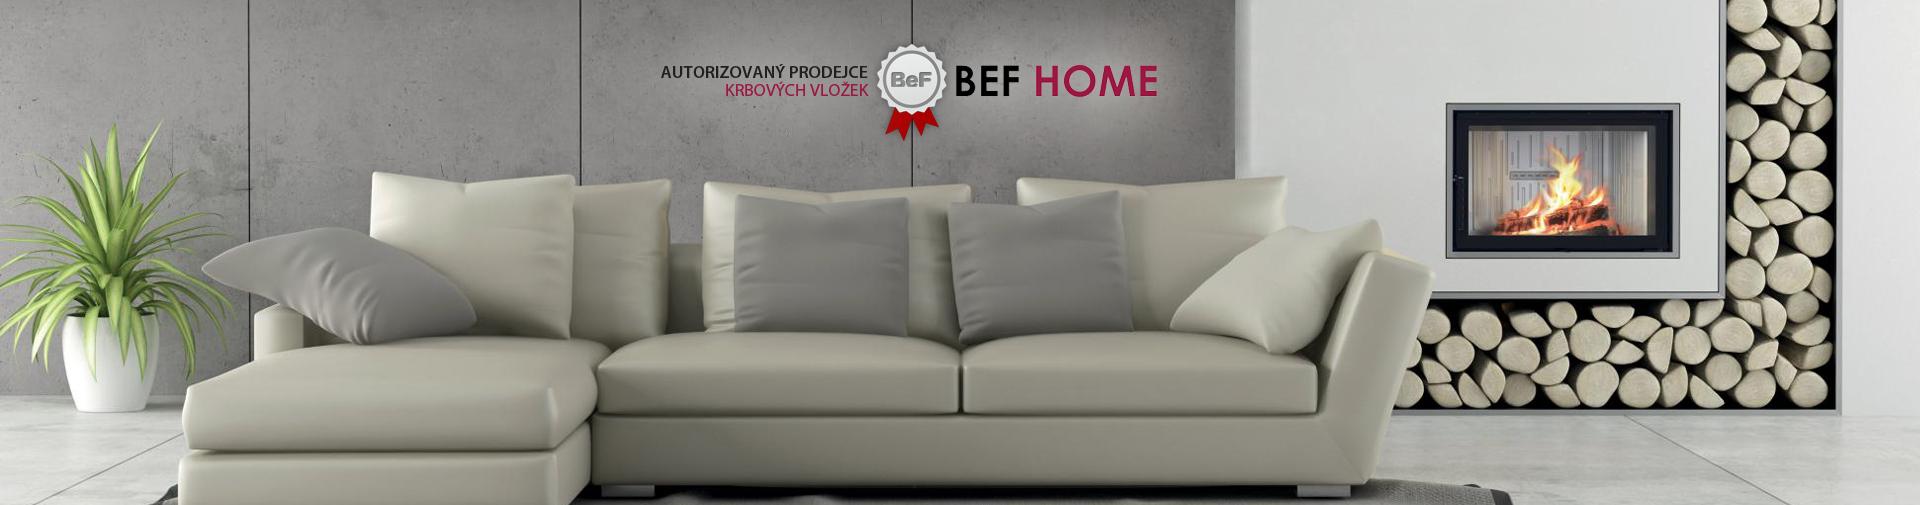 Krbové vložky BeF Home - Autorizovaný prodejce